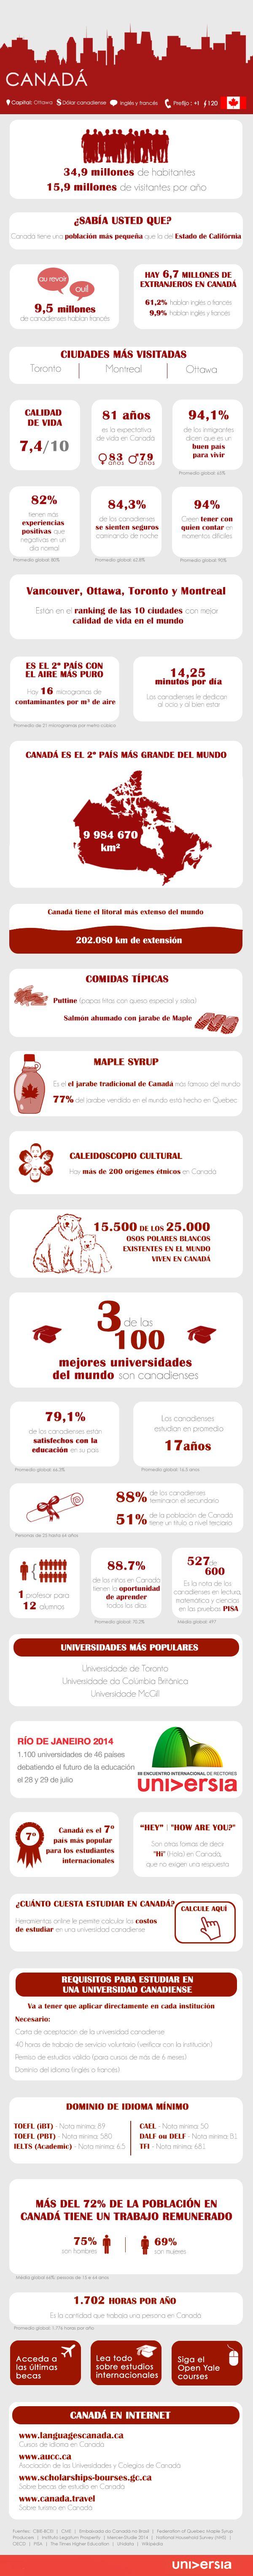 30 claves para estudiar y trabajar en Canadá #infografia